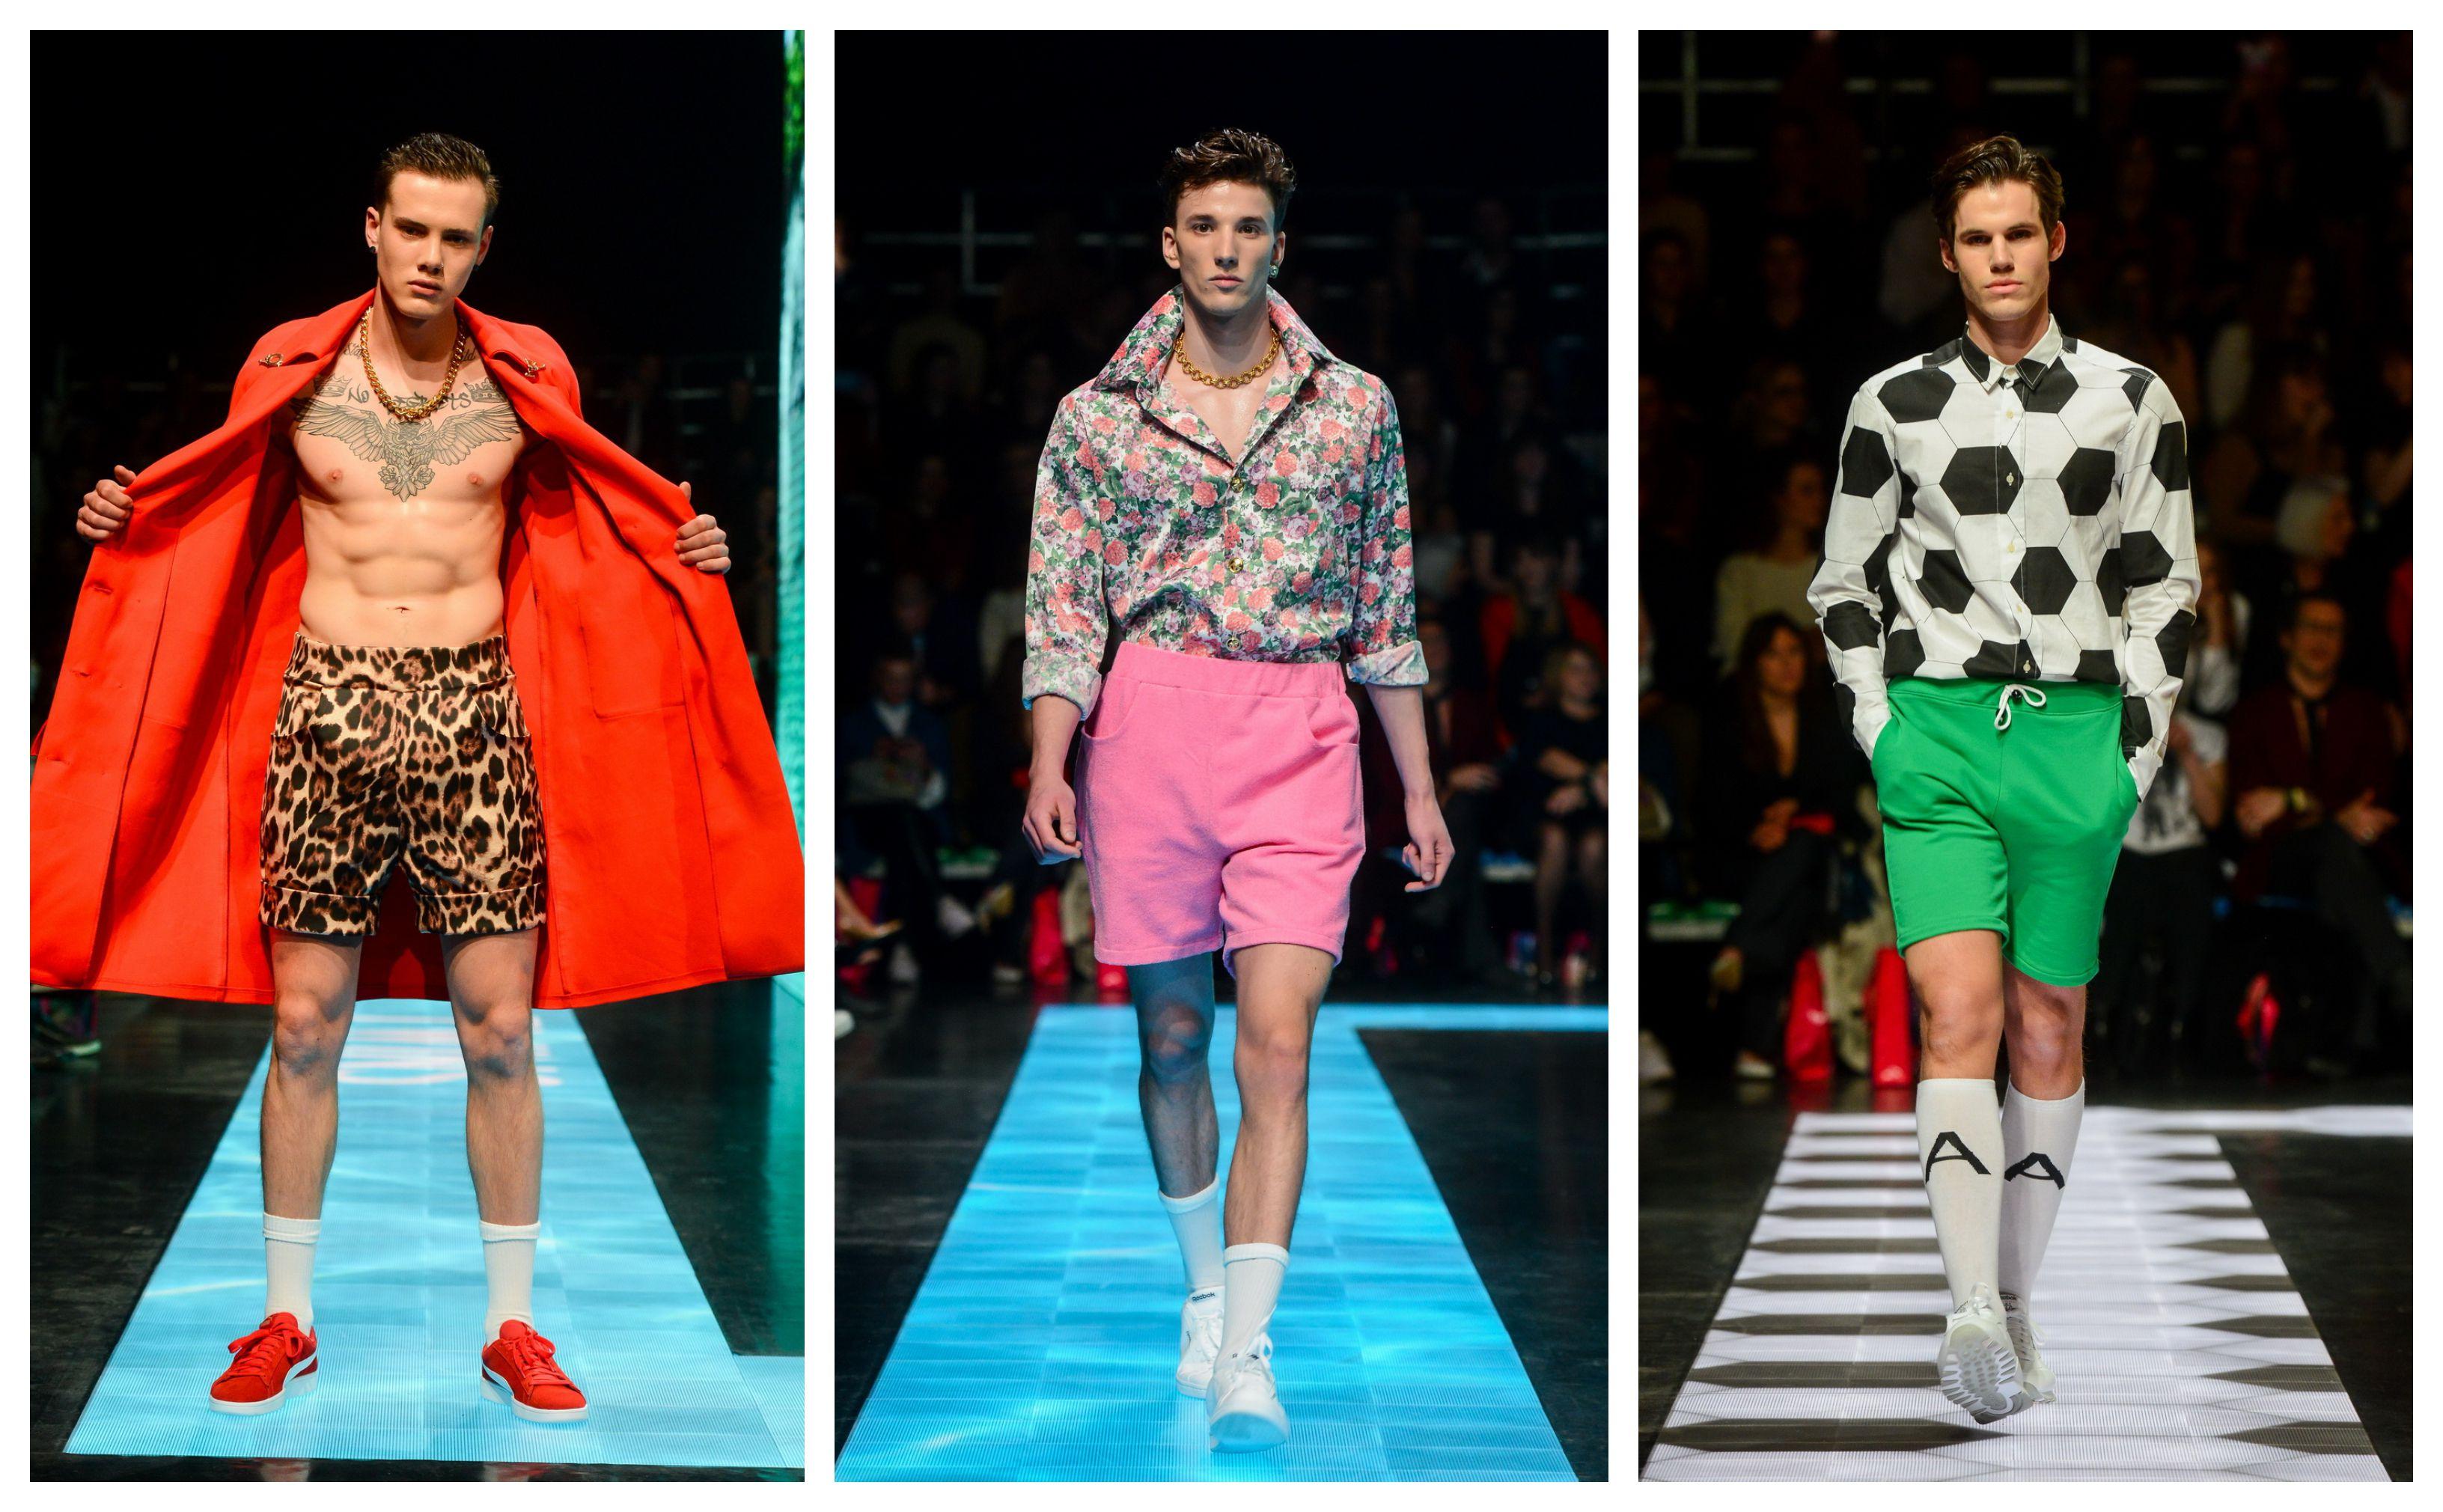 Muškarci će na ljeto nositi leopard uzorak i cvjetiće, a poznati frajeri u prvom redu pokazali stylish outfite